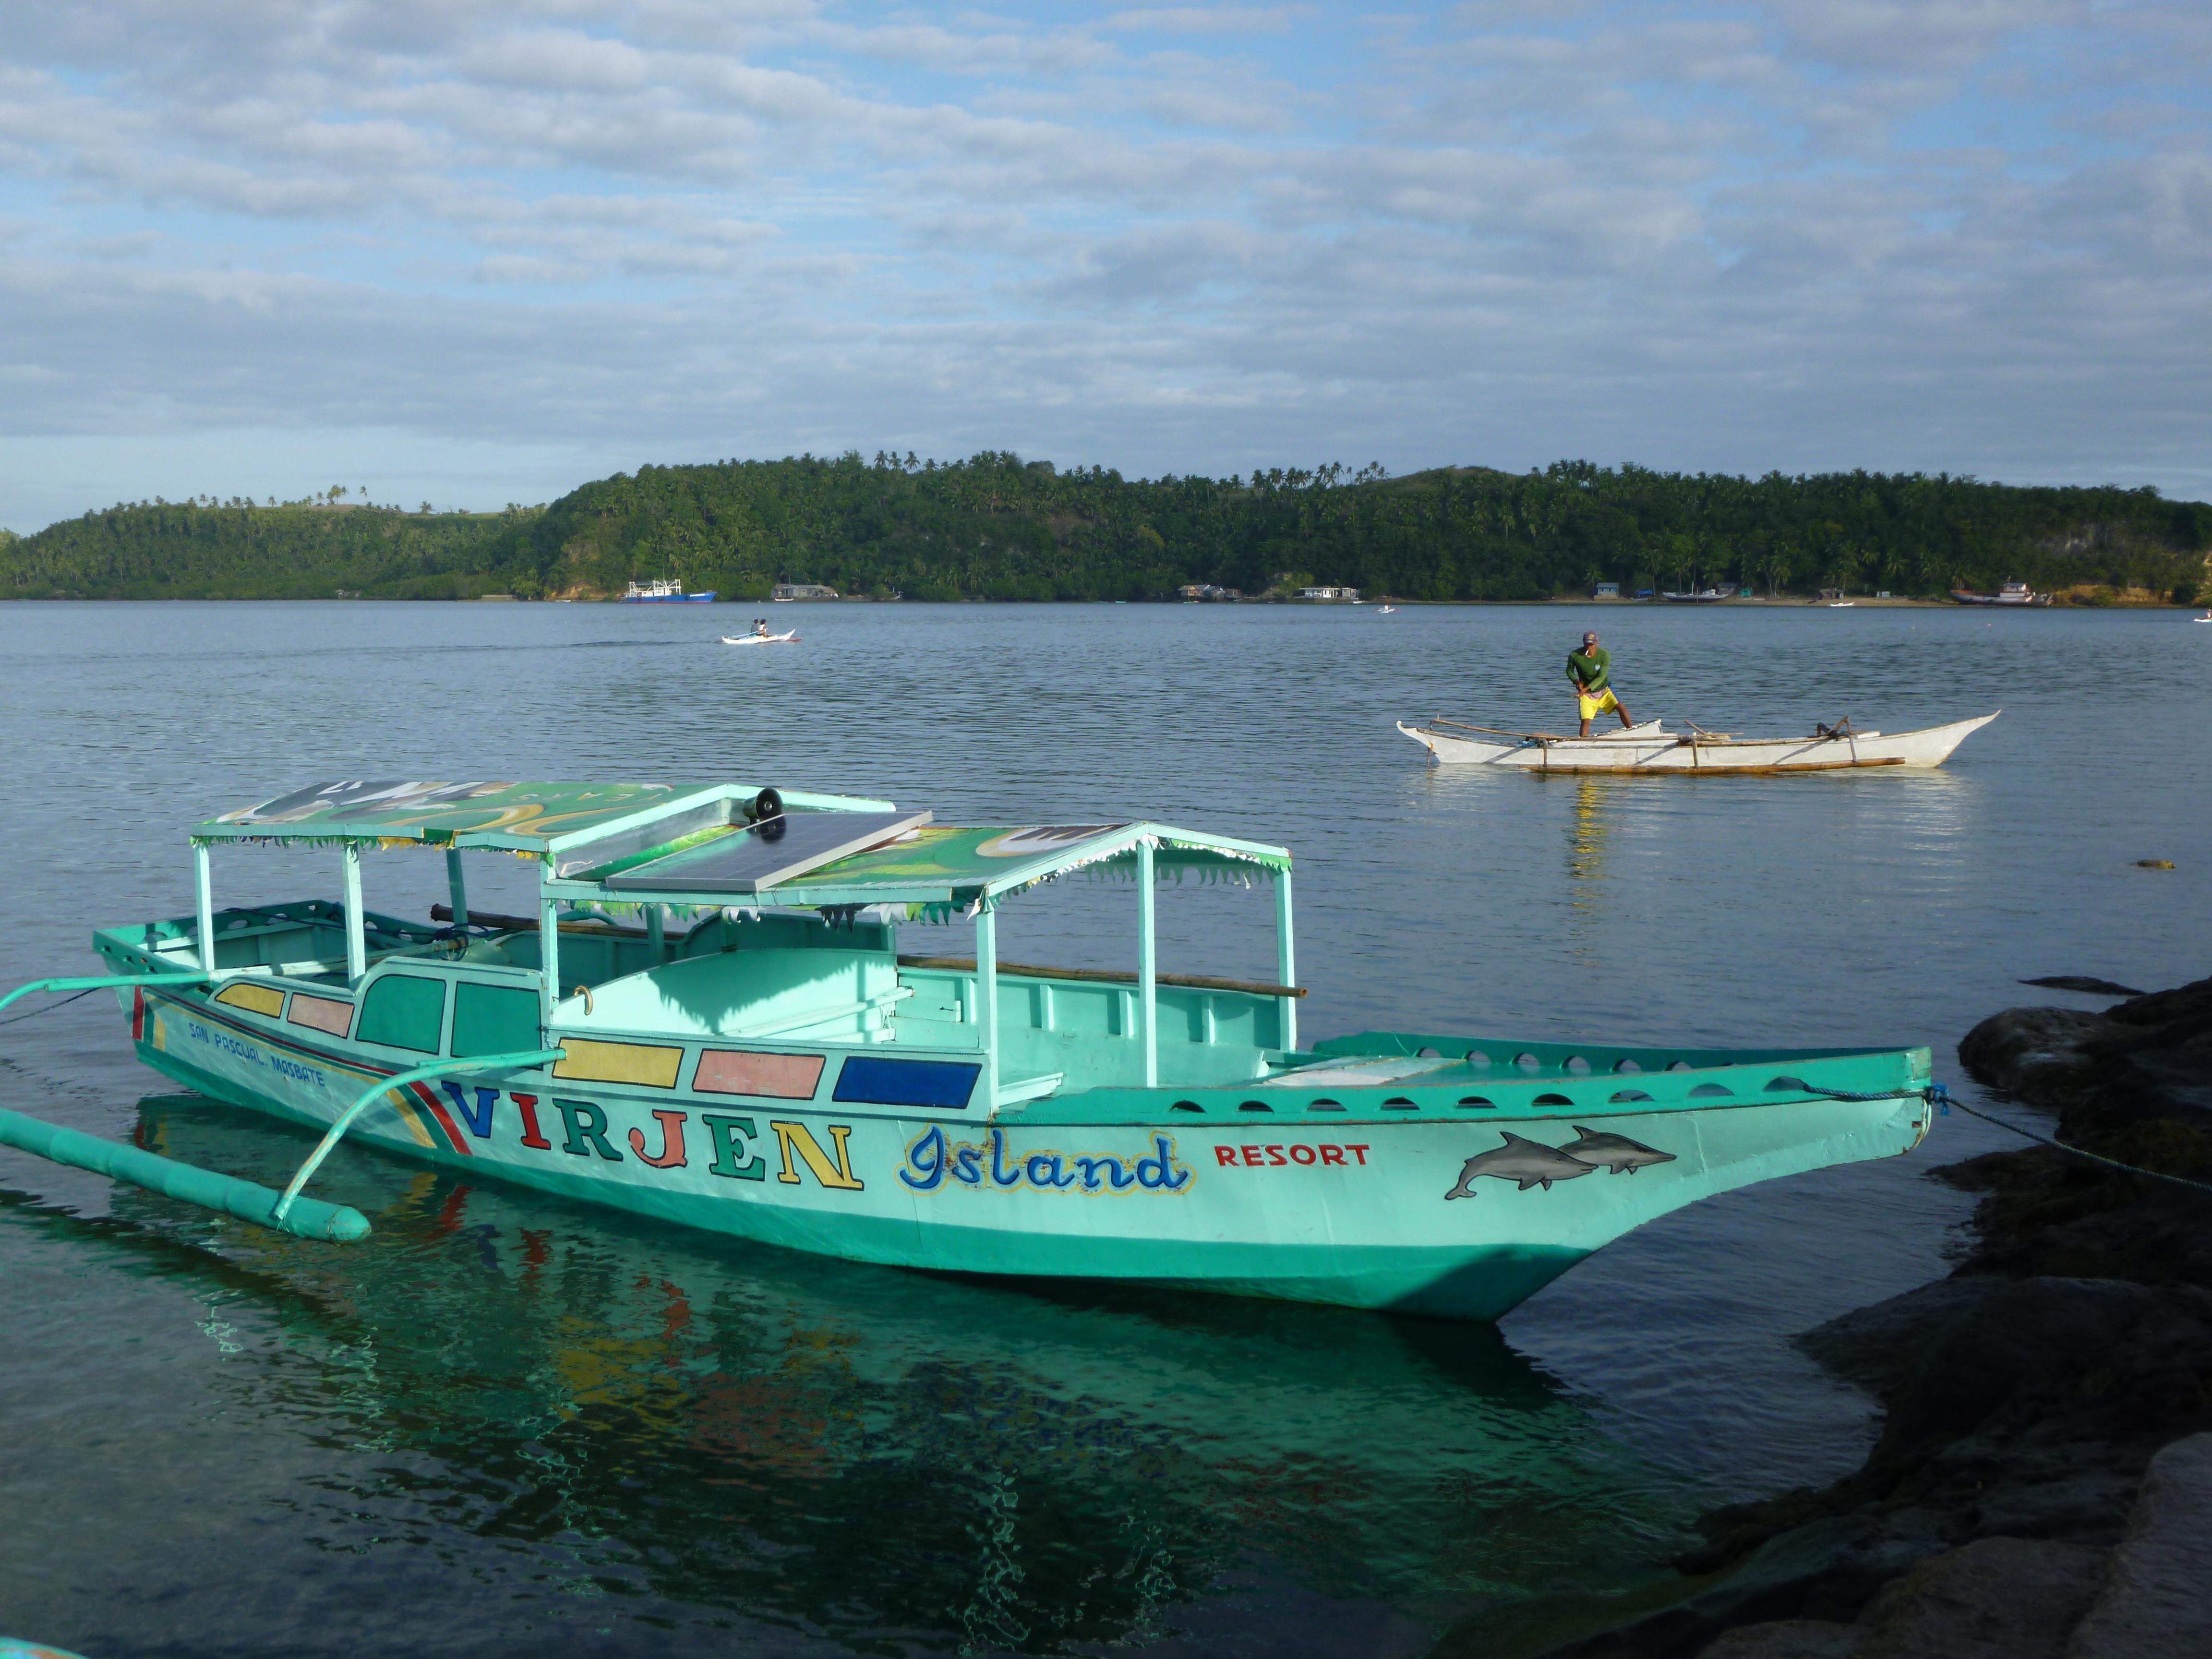 cette navette permet de traverser la baie en 10minutes et pour 20 centimes de pesos, pourquoi s'en priver?